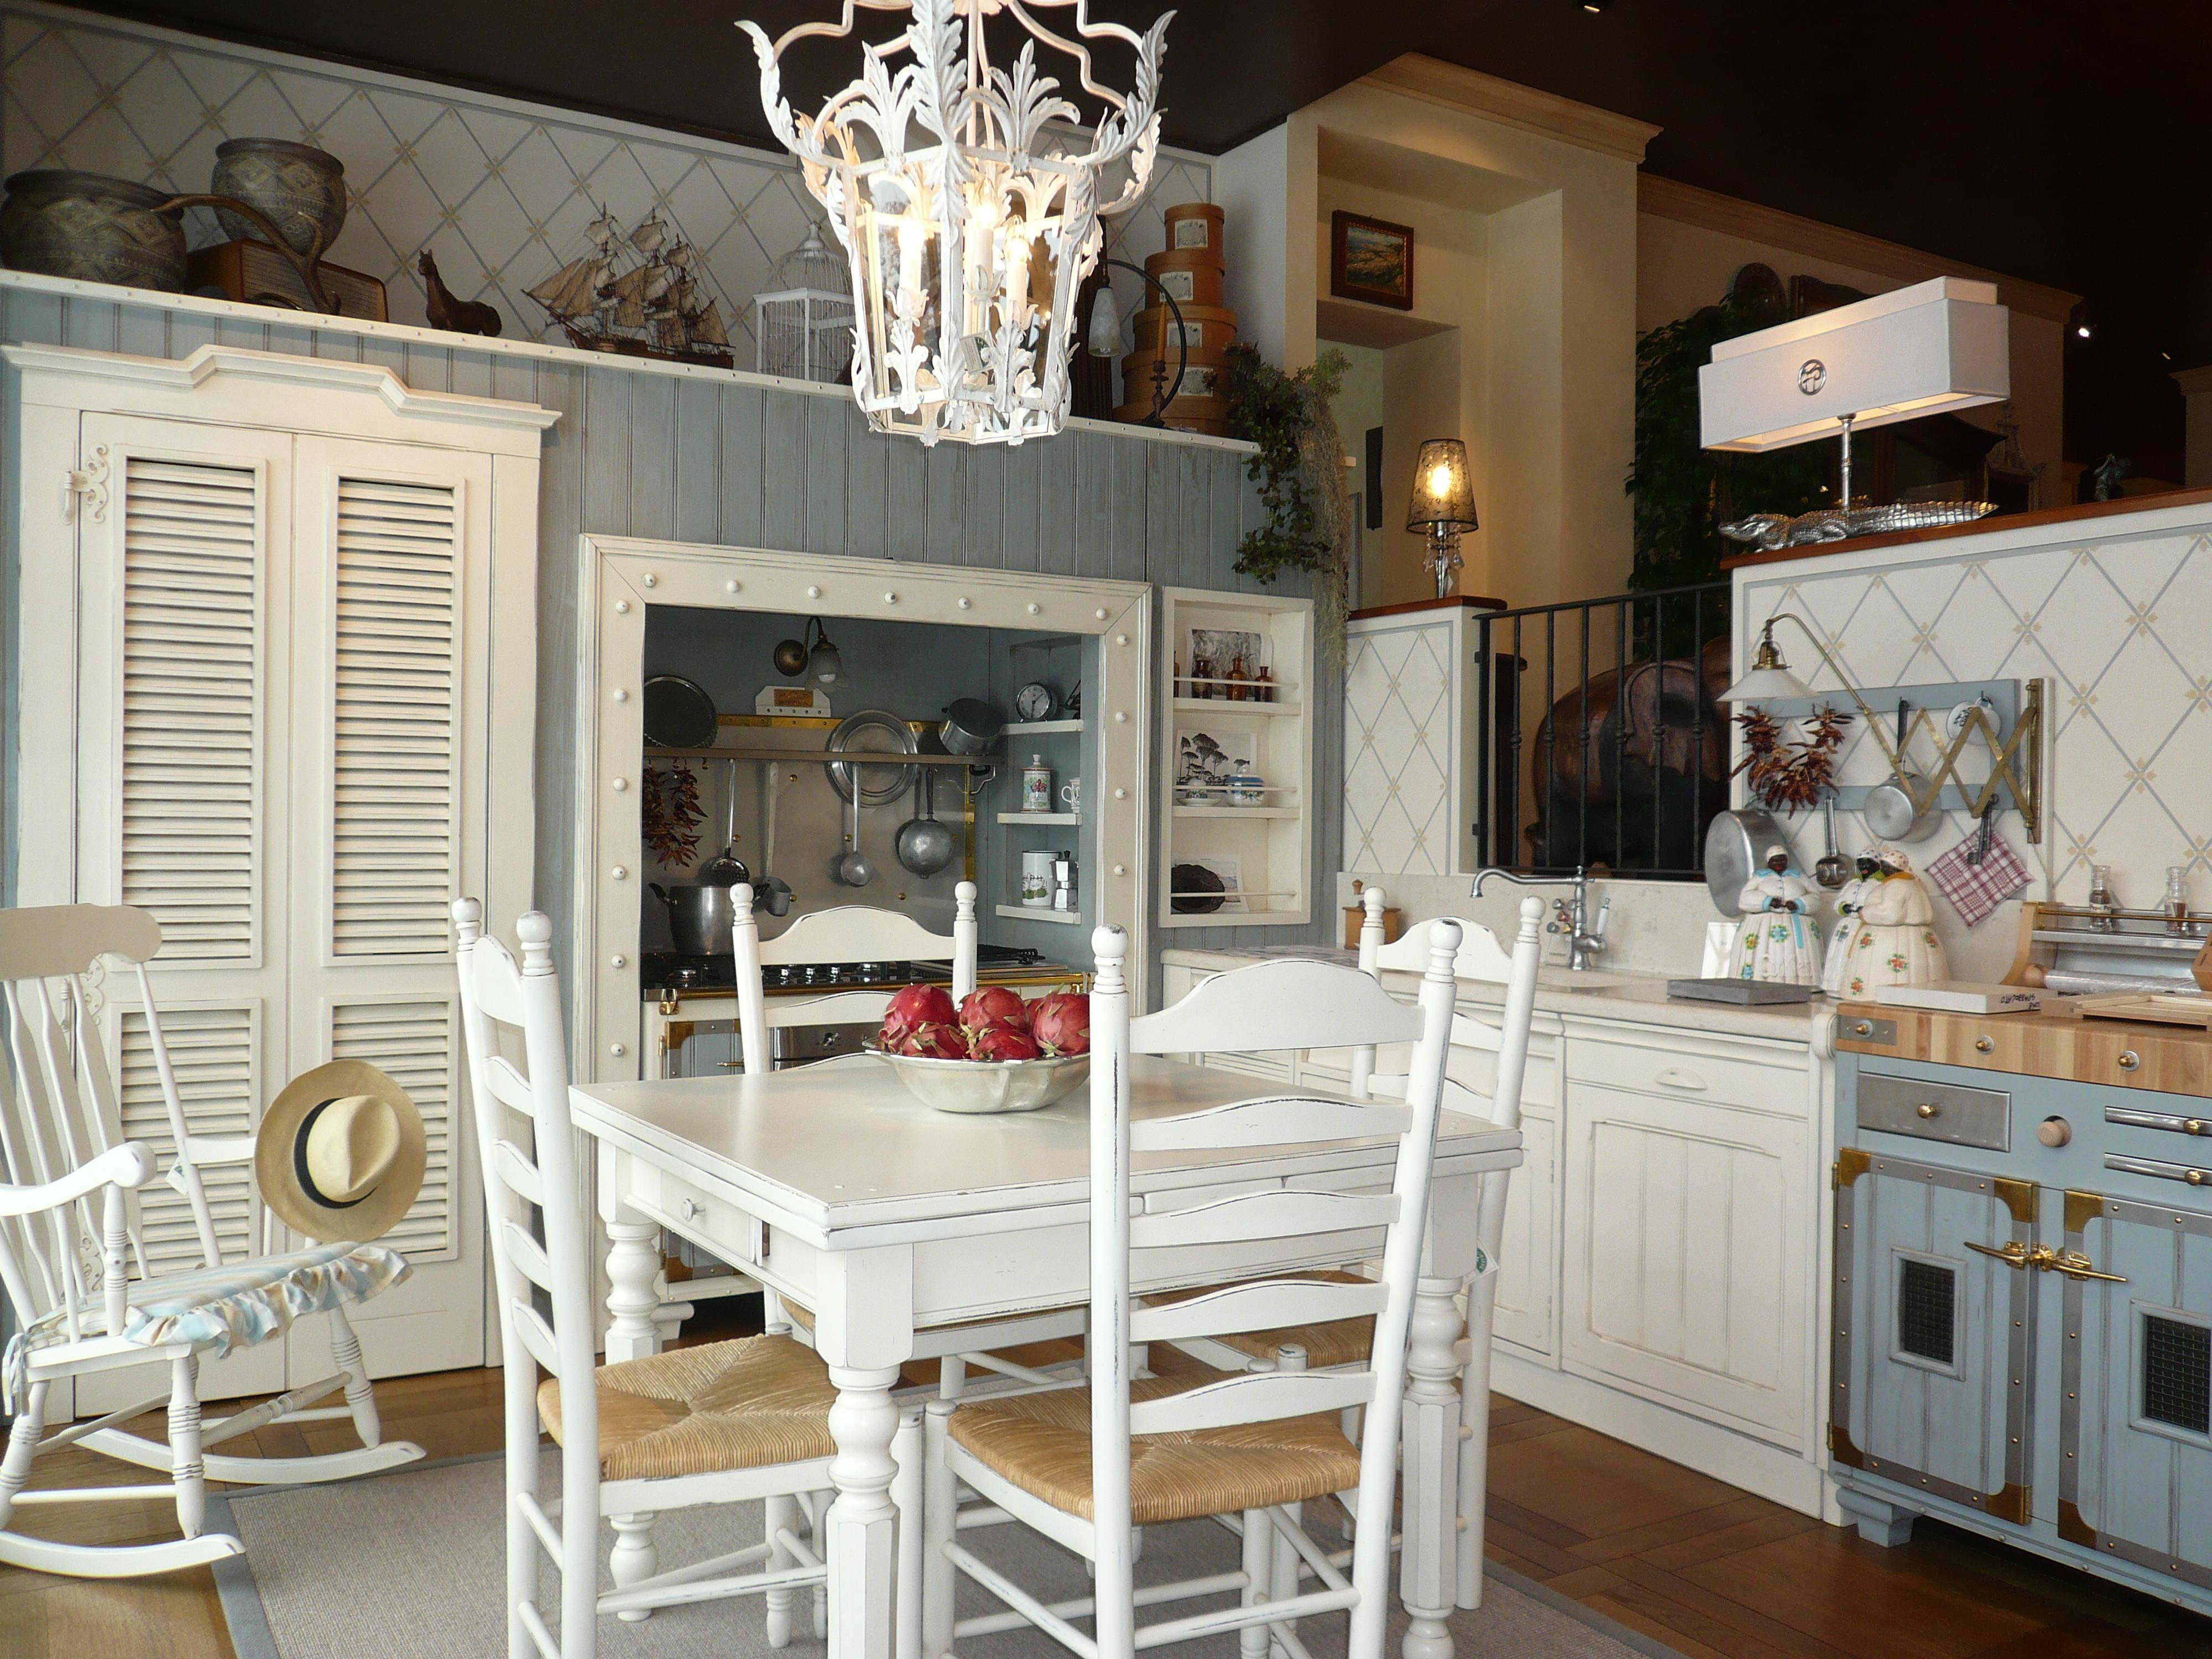 Cucina Incontrada esposizione e lavori realizzati